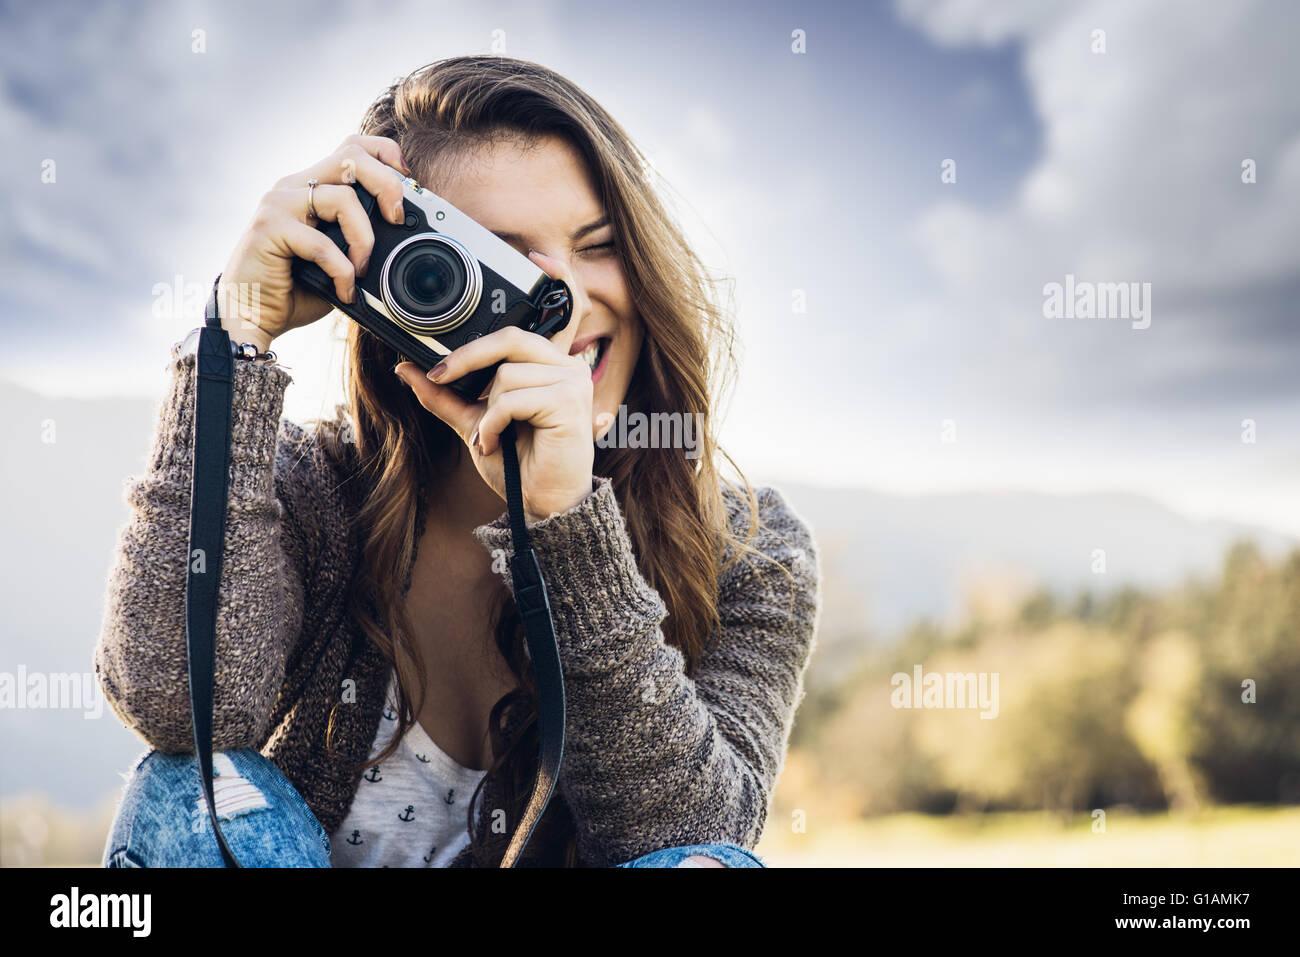 Junge weibliche Fotografen sitzen auf dem Rasen und fotografieren, Naturlandschaft auf Hintergrund Stockbild